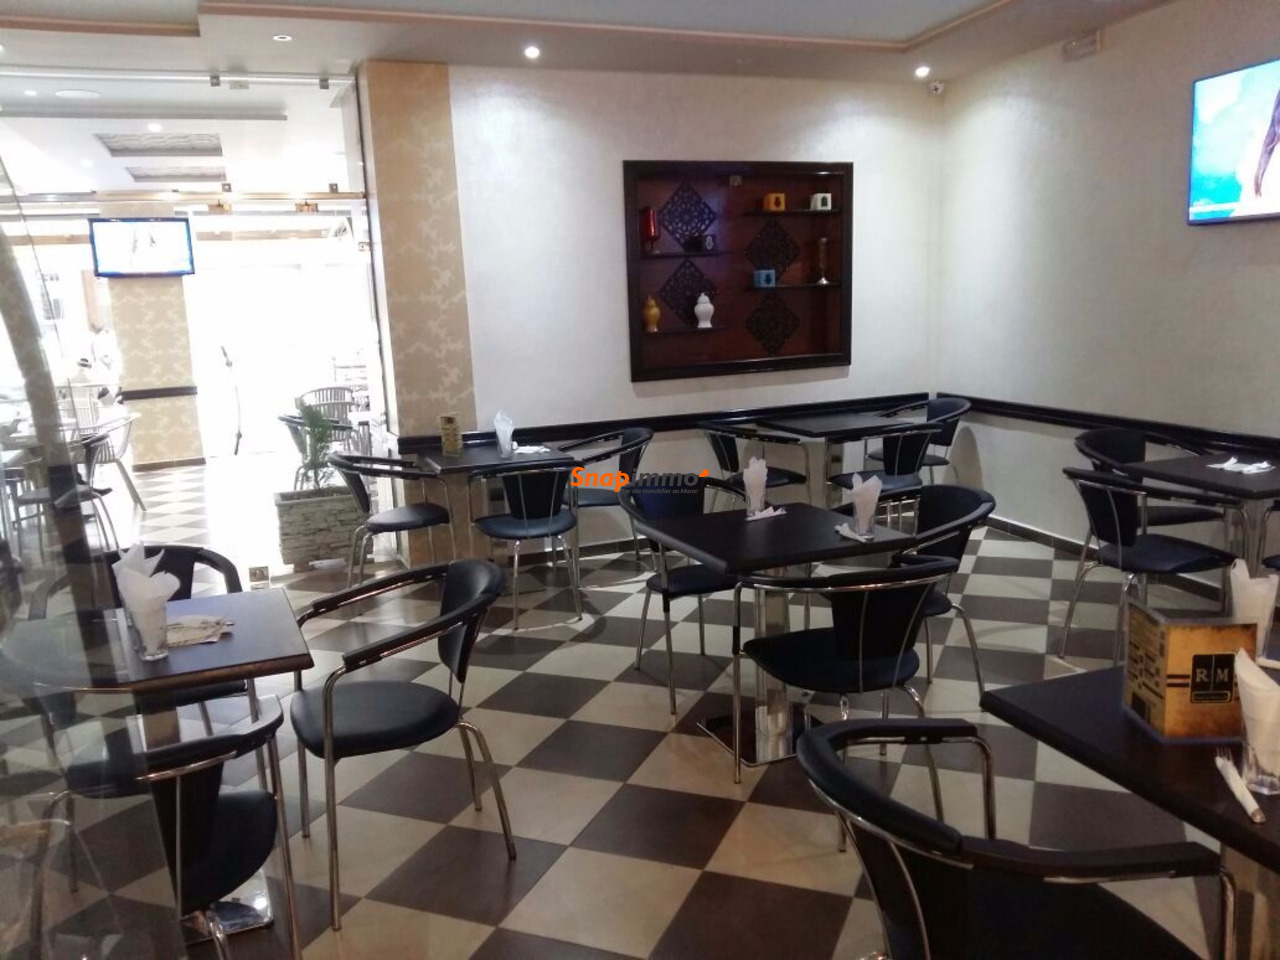 Cafe bien equipe a vendre - 3/3